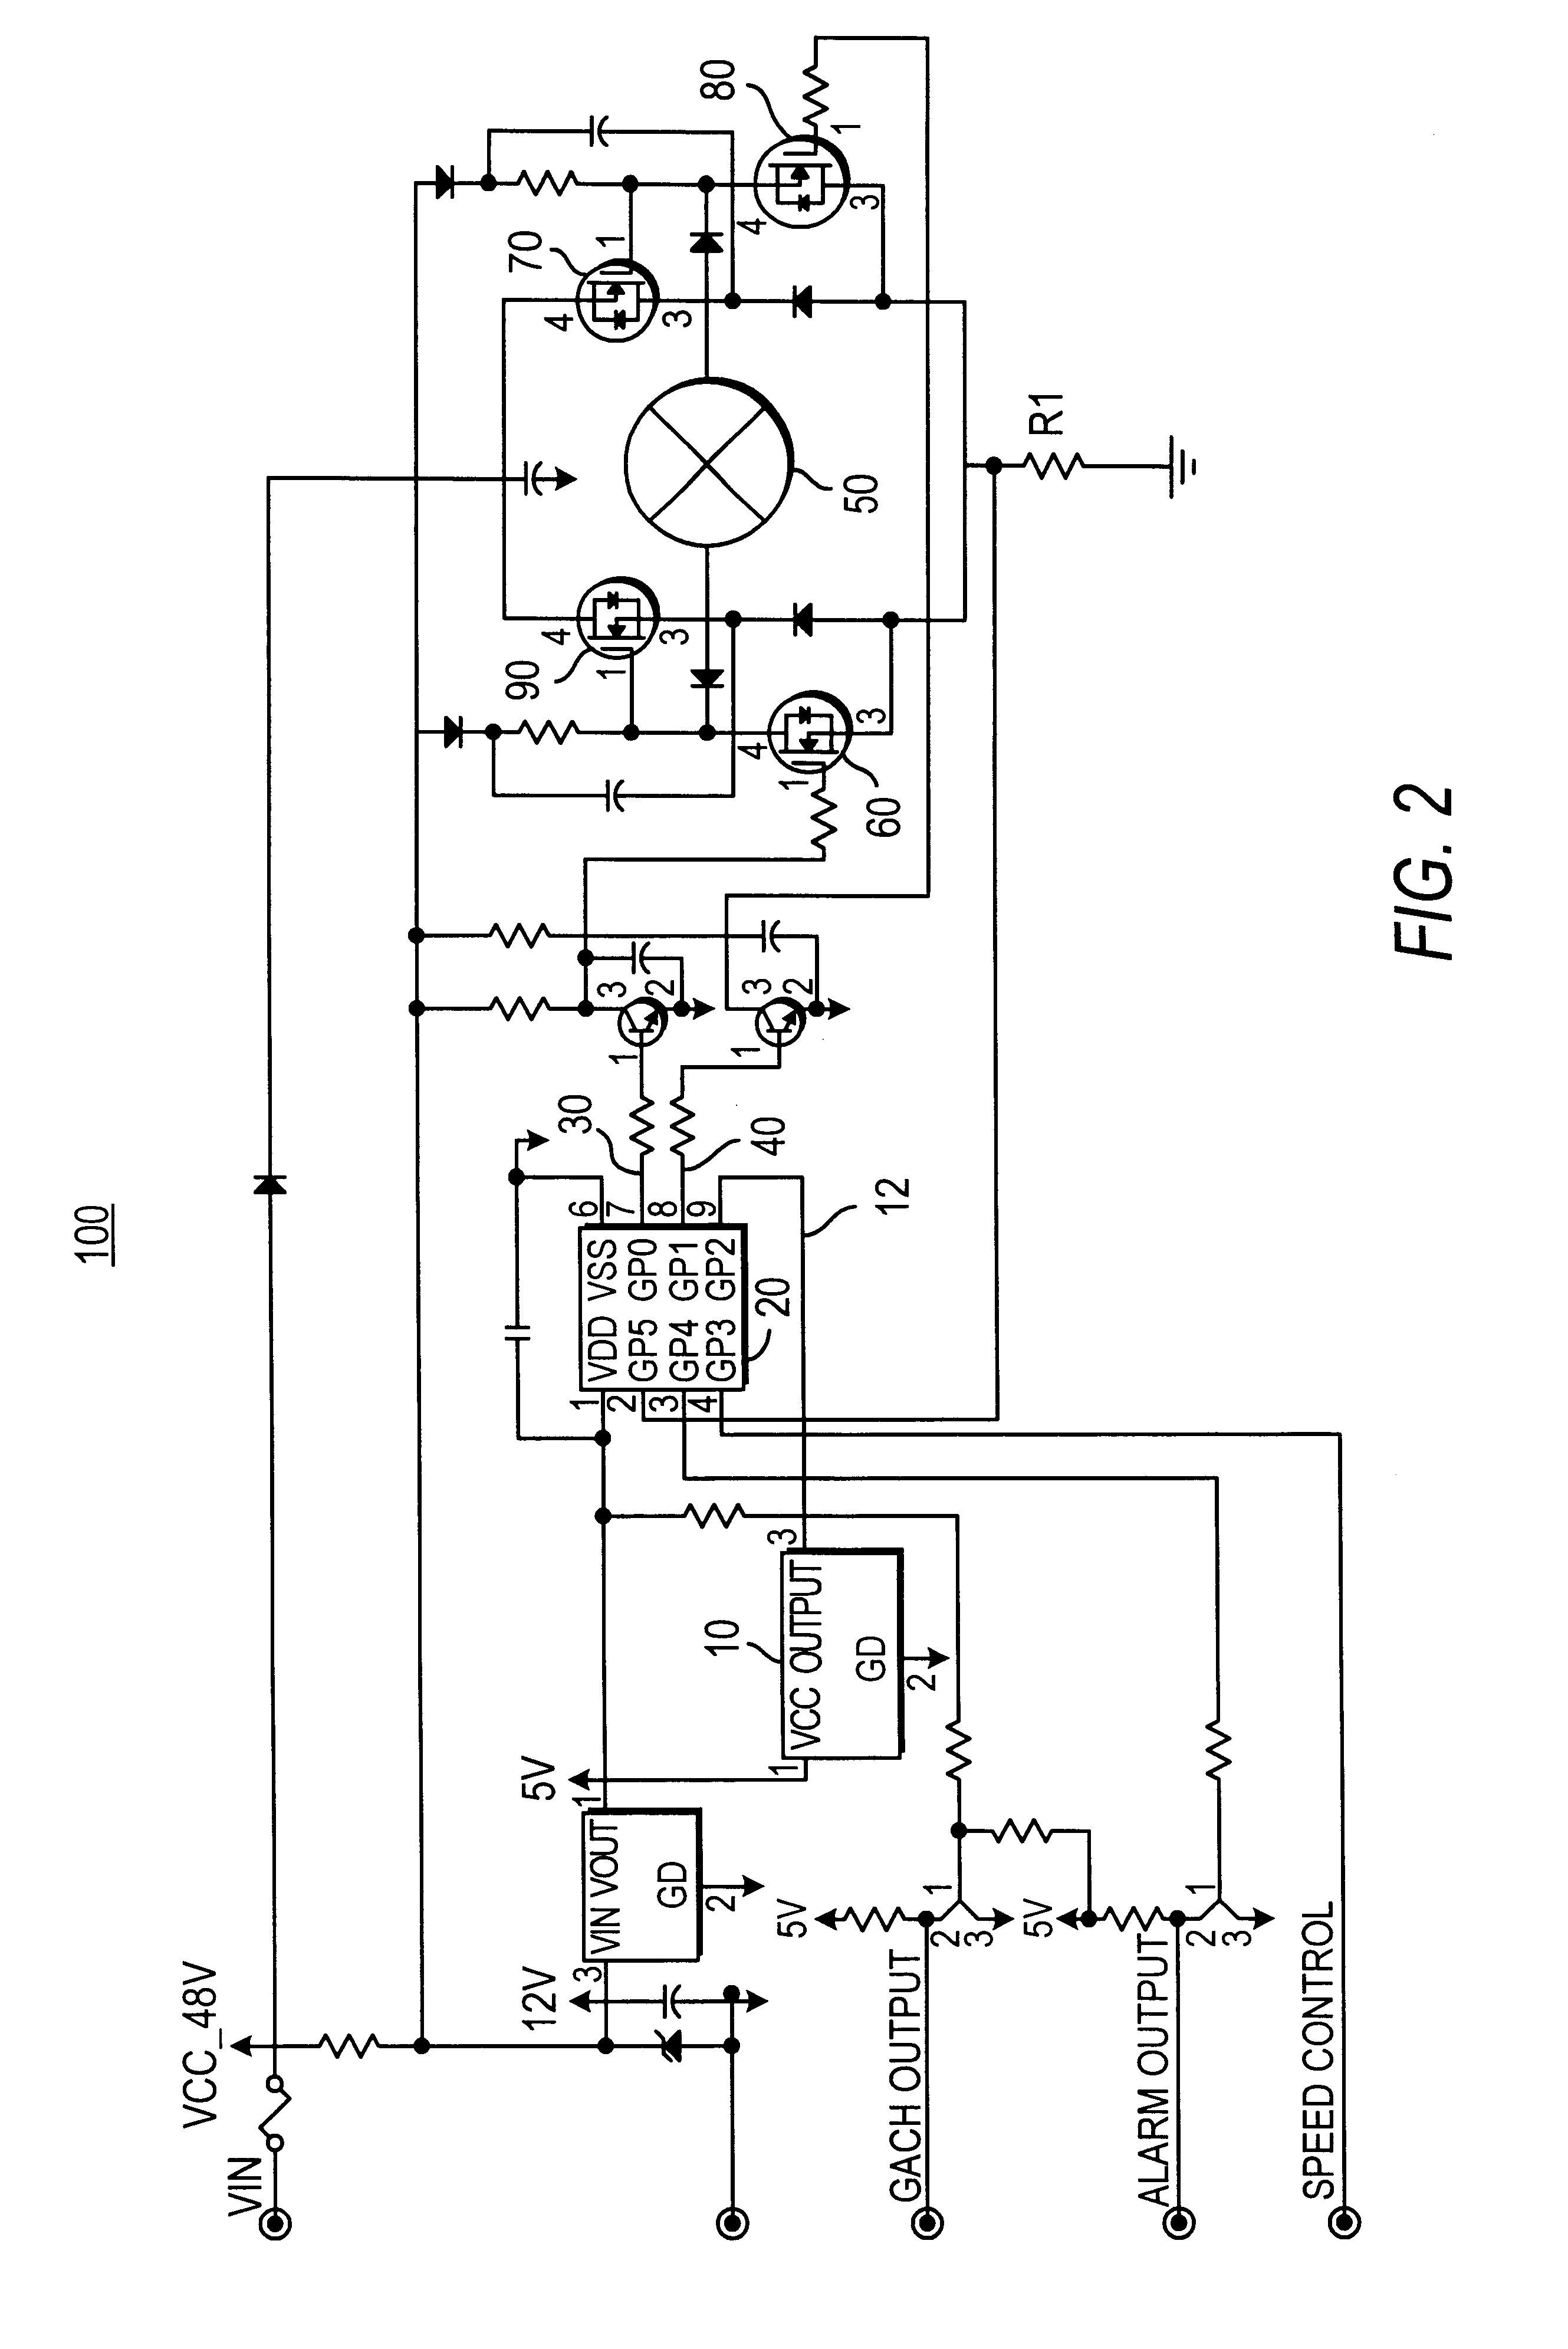 480 motor starter wiring diagram eaton motor starter wiring diagram #11